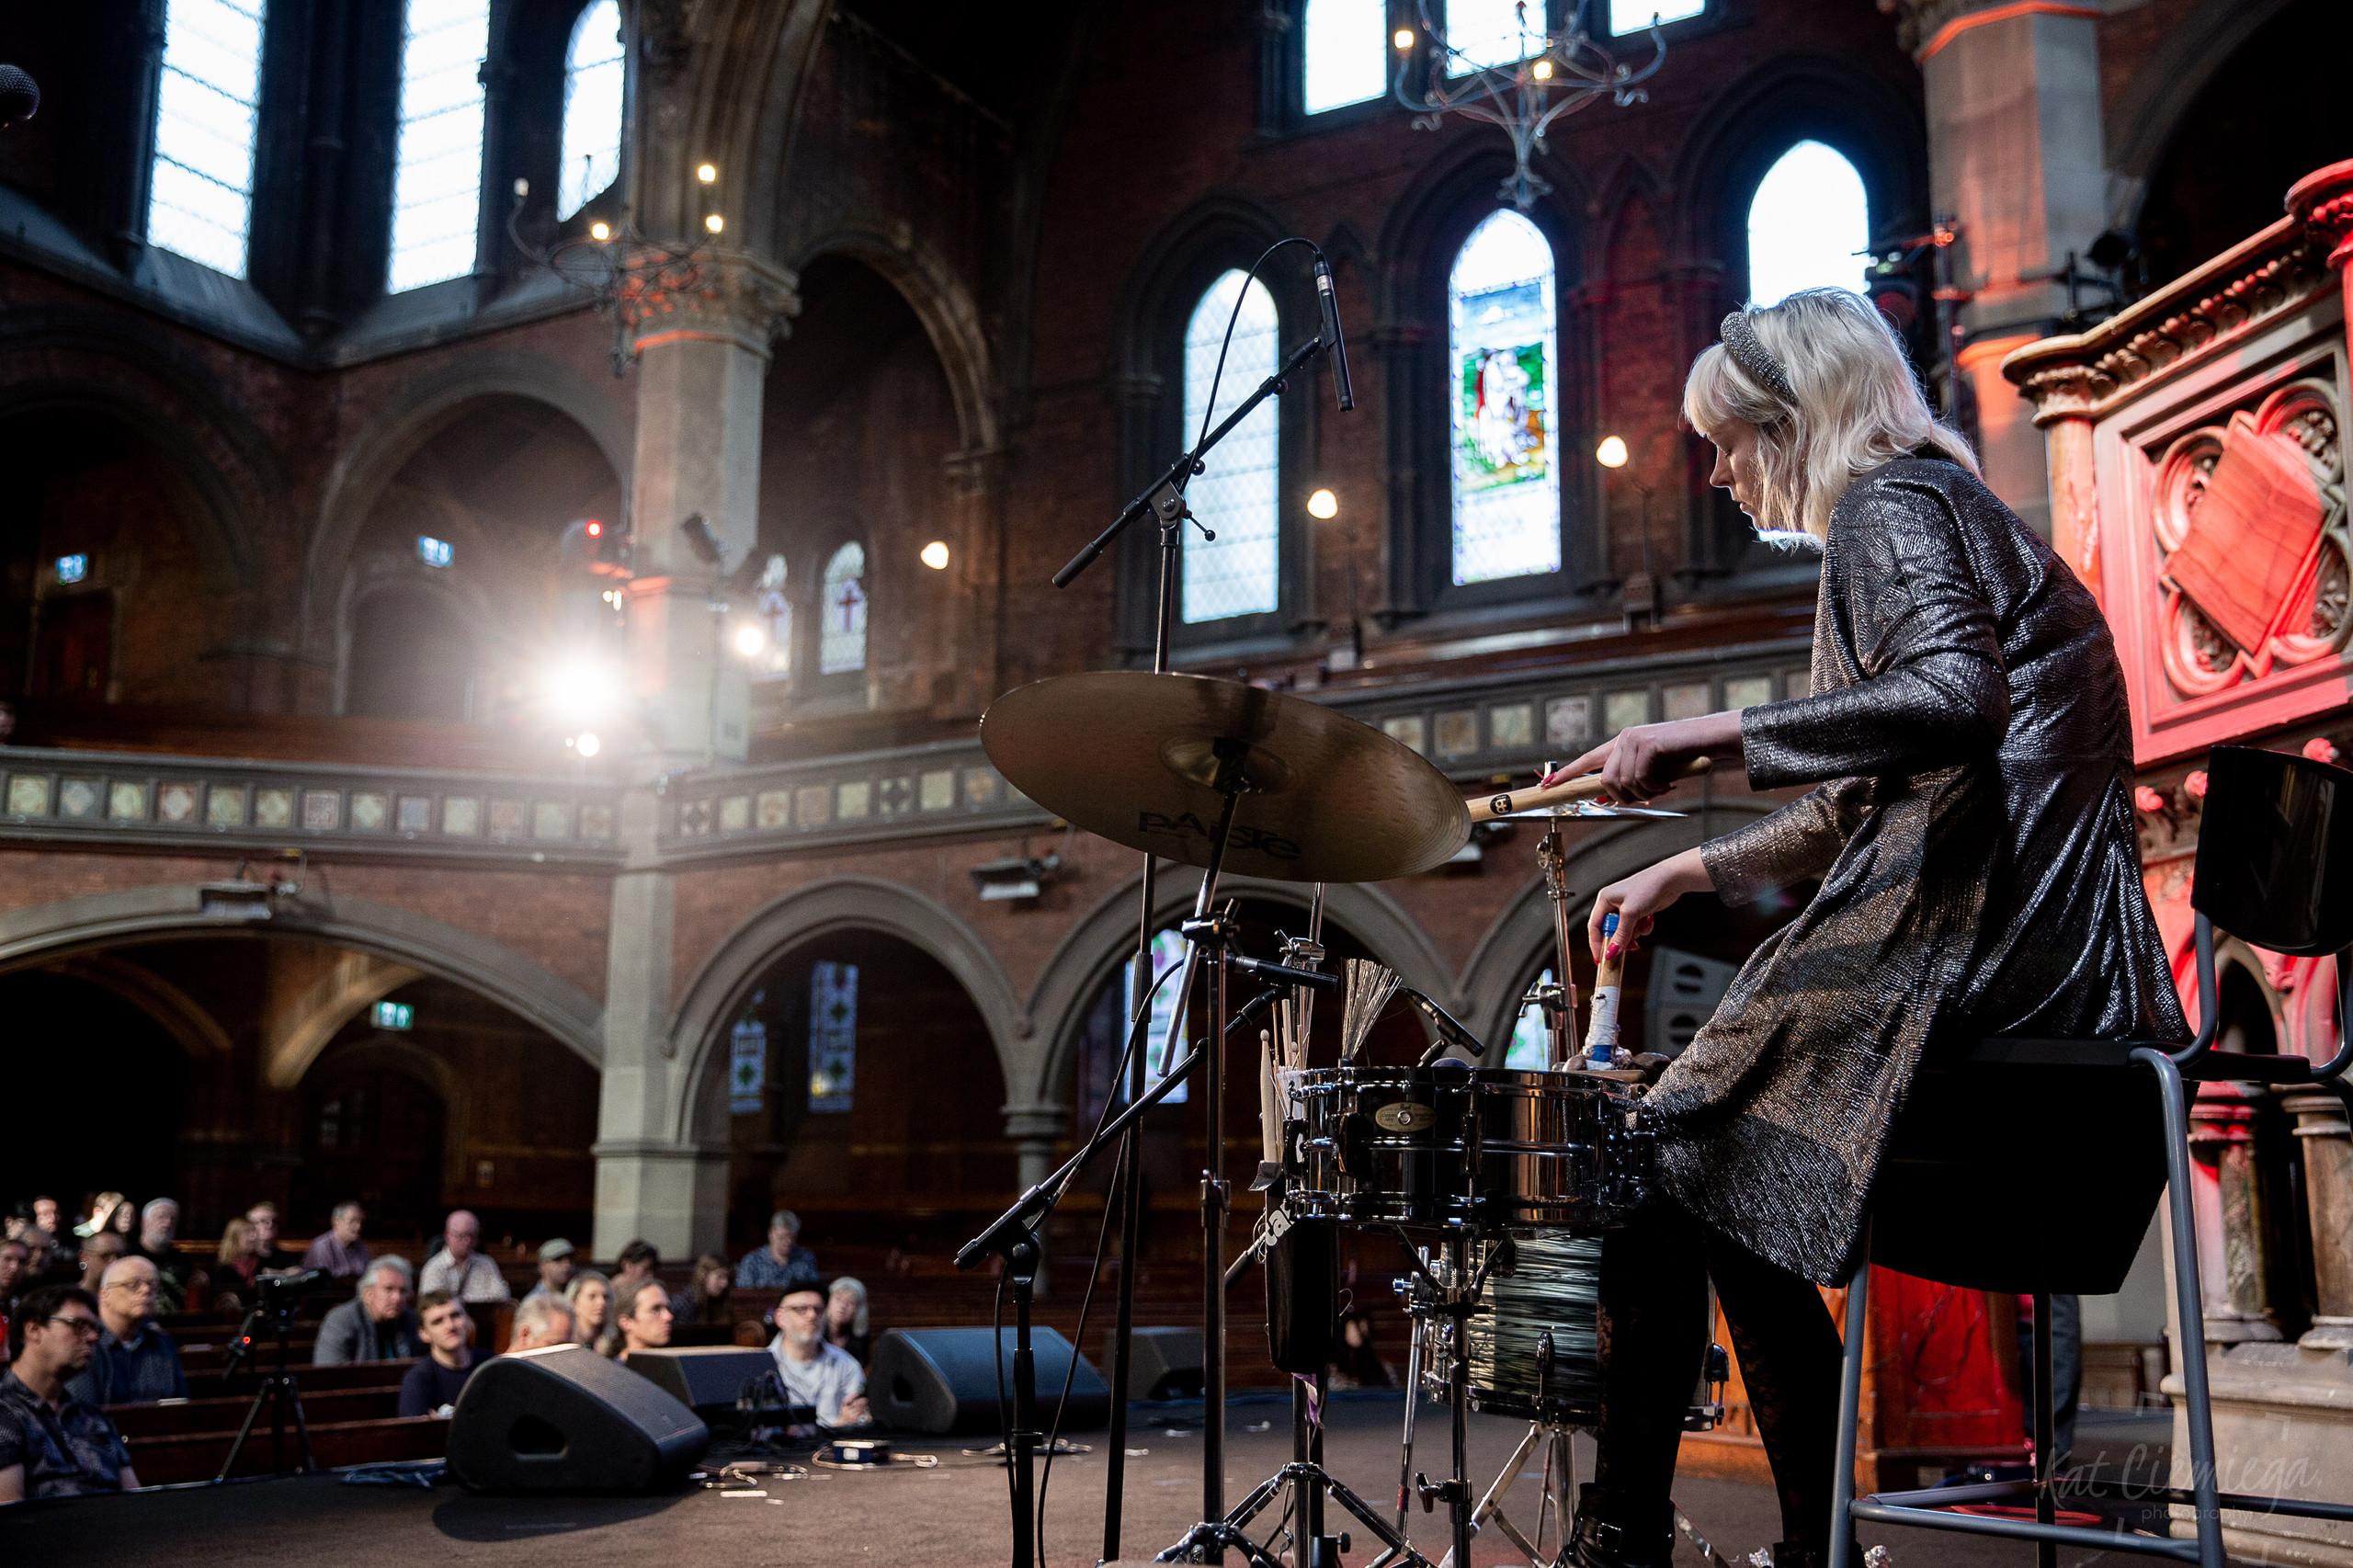 Far Rainbow, Bobby Barry, Emily Barnett, Daylight Music, Kat Ciemiega Photography, London